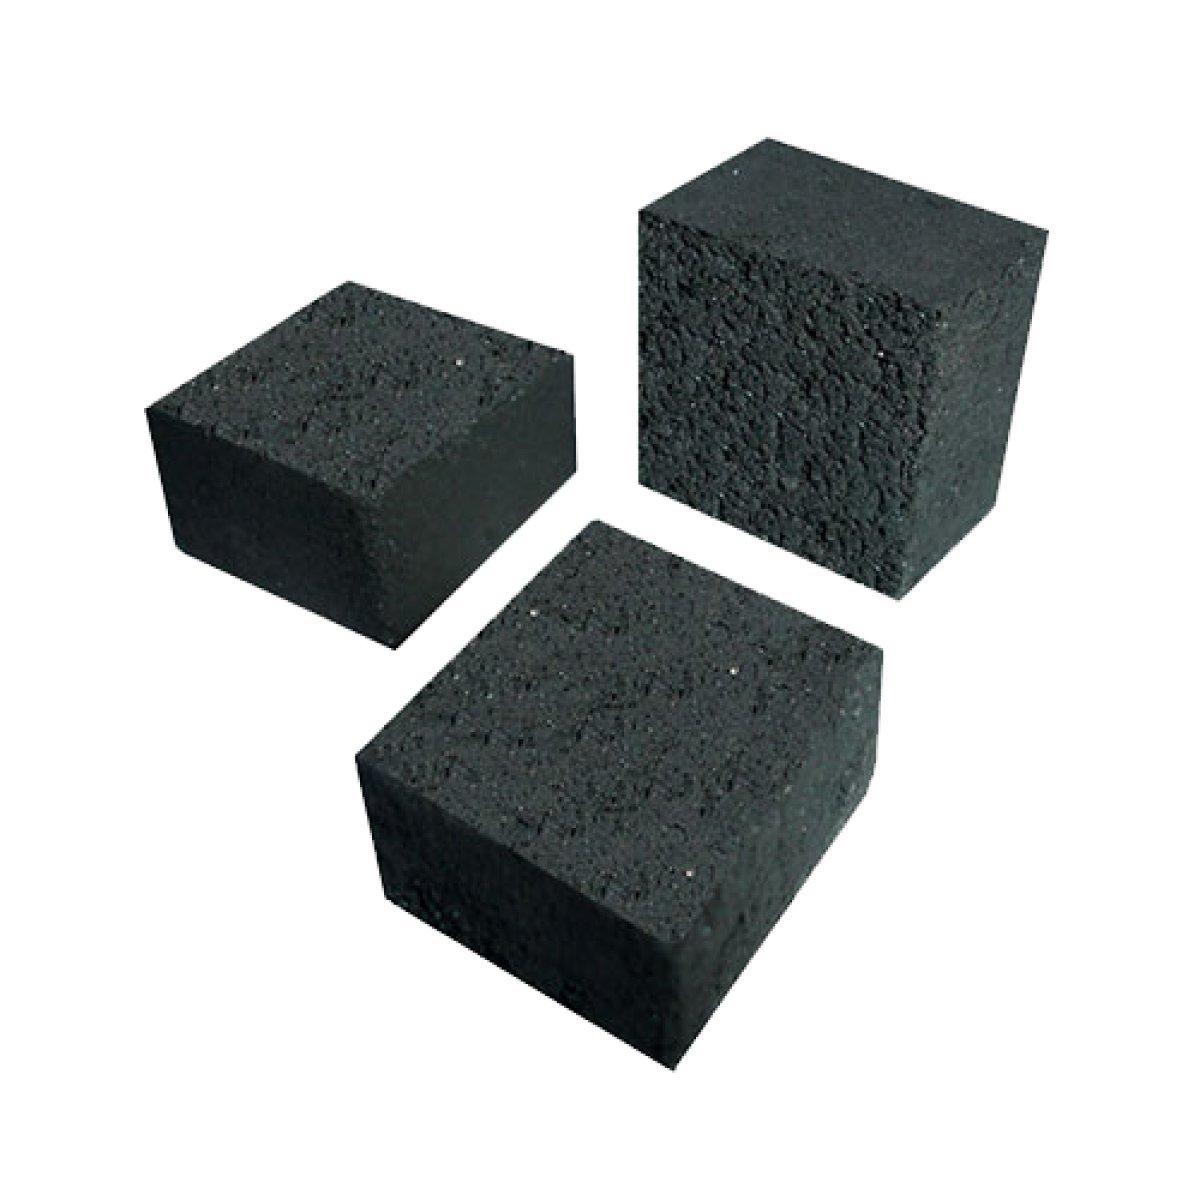 Amazon.com: 6X! 648 piezas CHX Coco de carbón de coco de ...